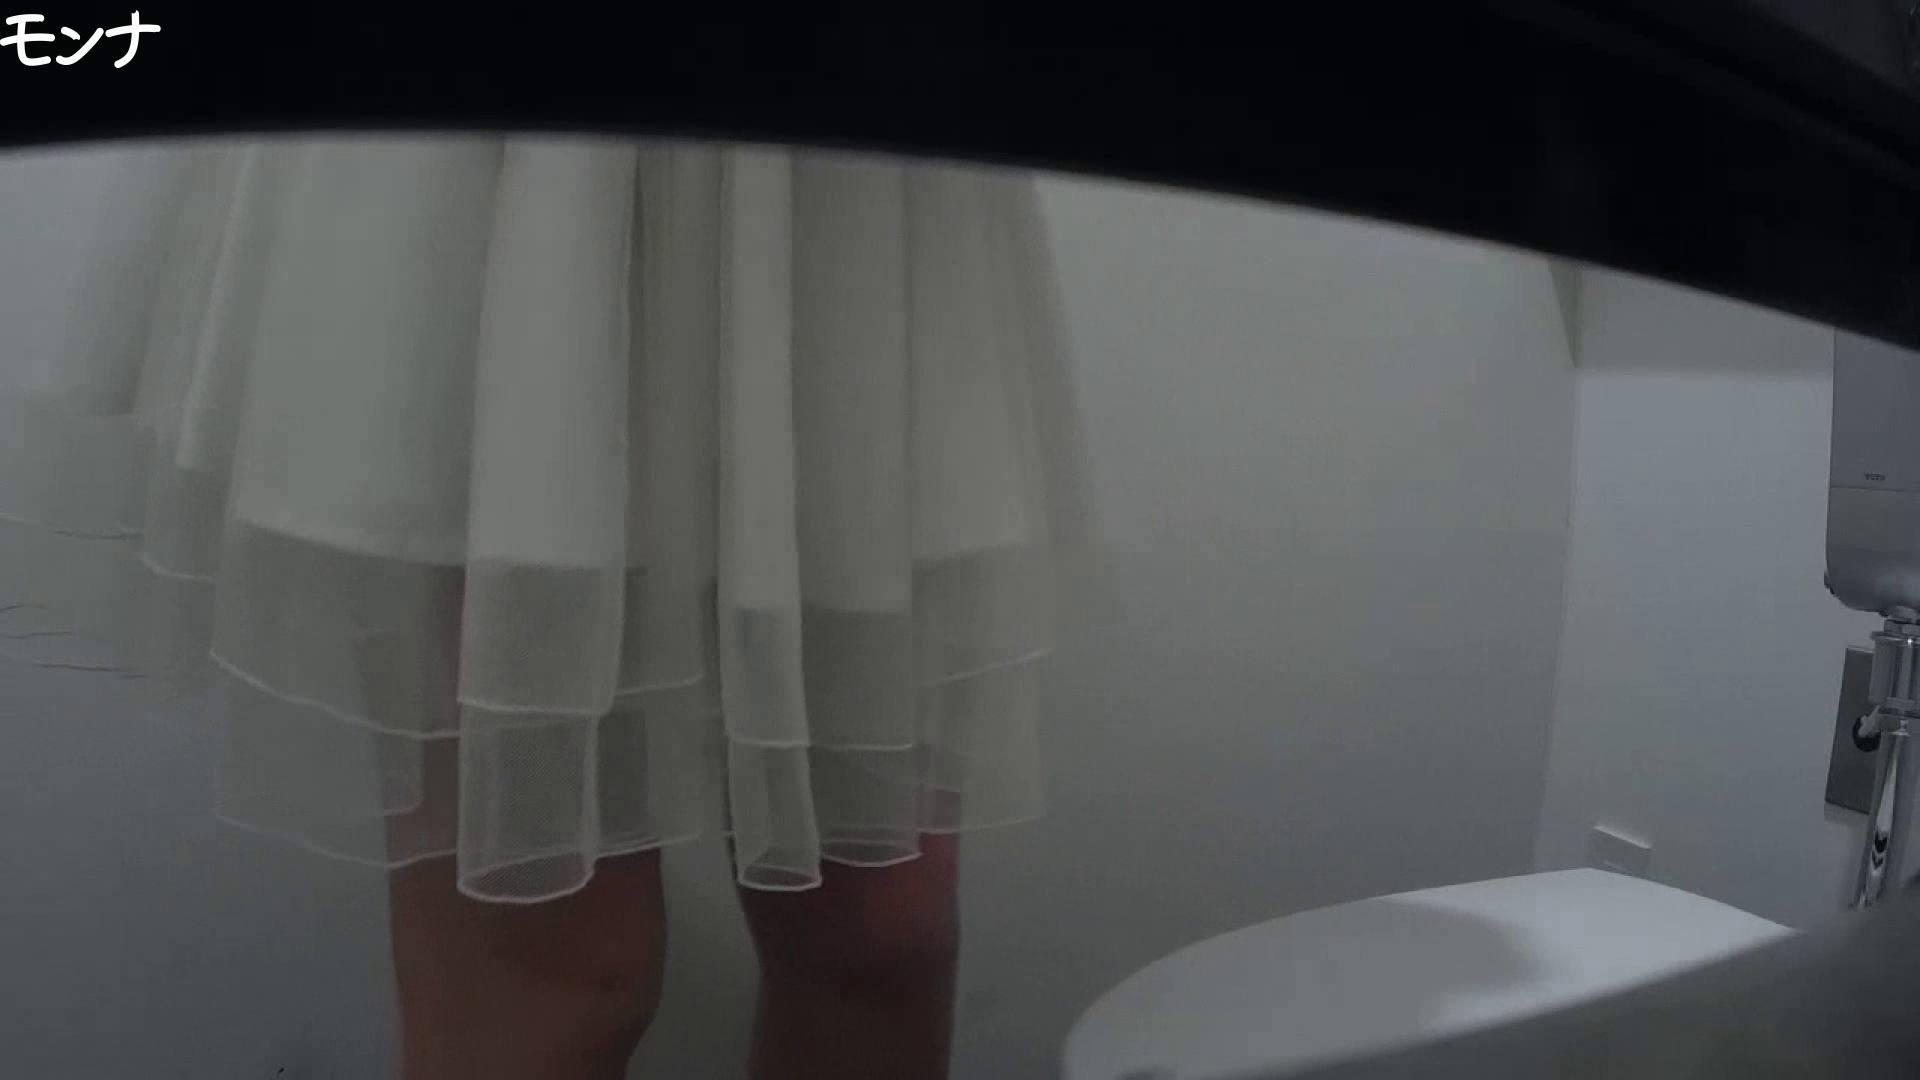 有名大学女性洗面所 vol.66 清楚系女子をがっつり!! 洗面所 オメコ動画キャプチャ 96連発 39